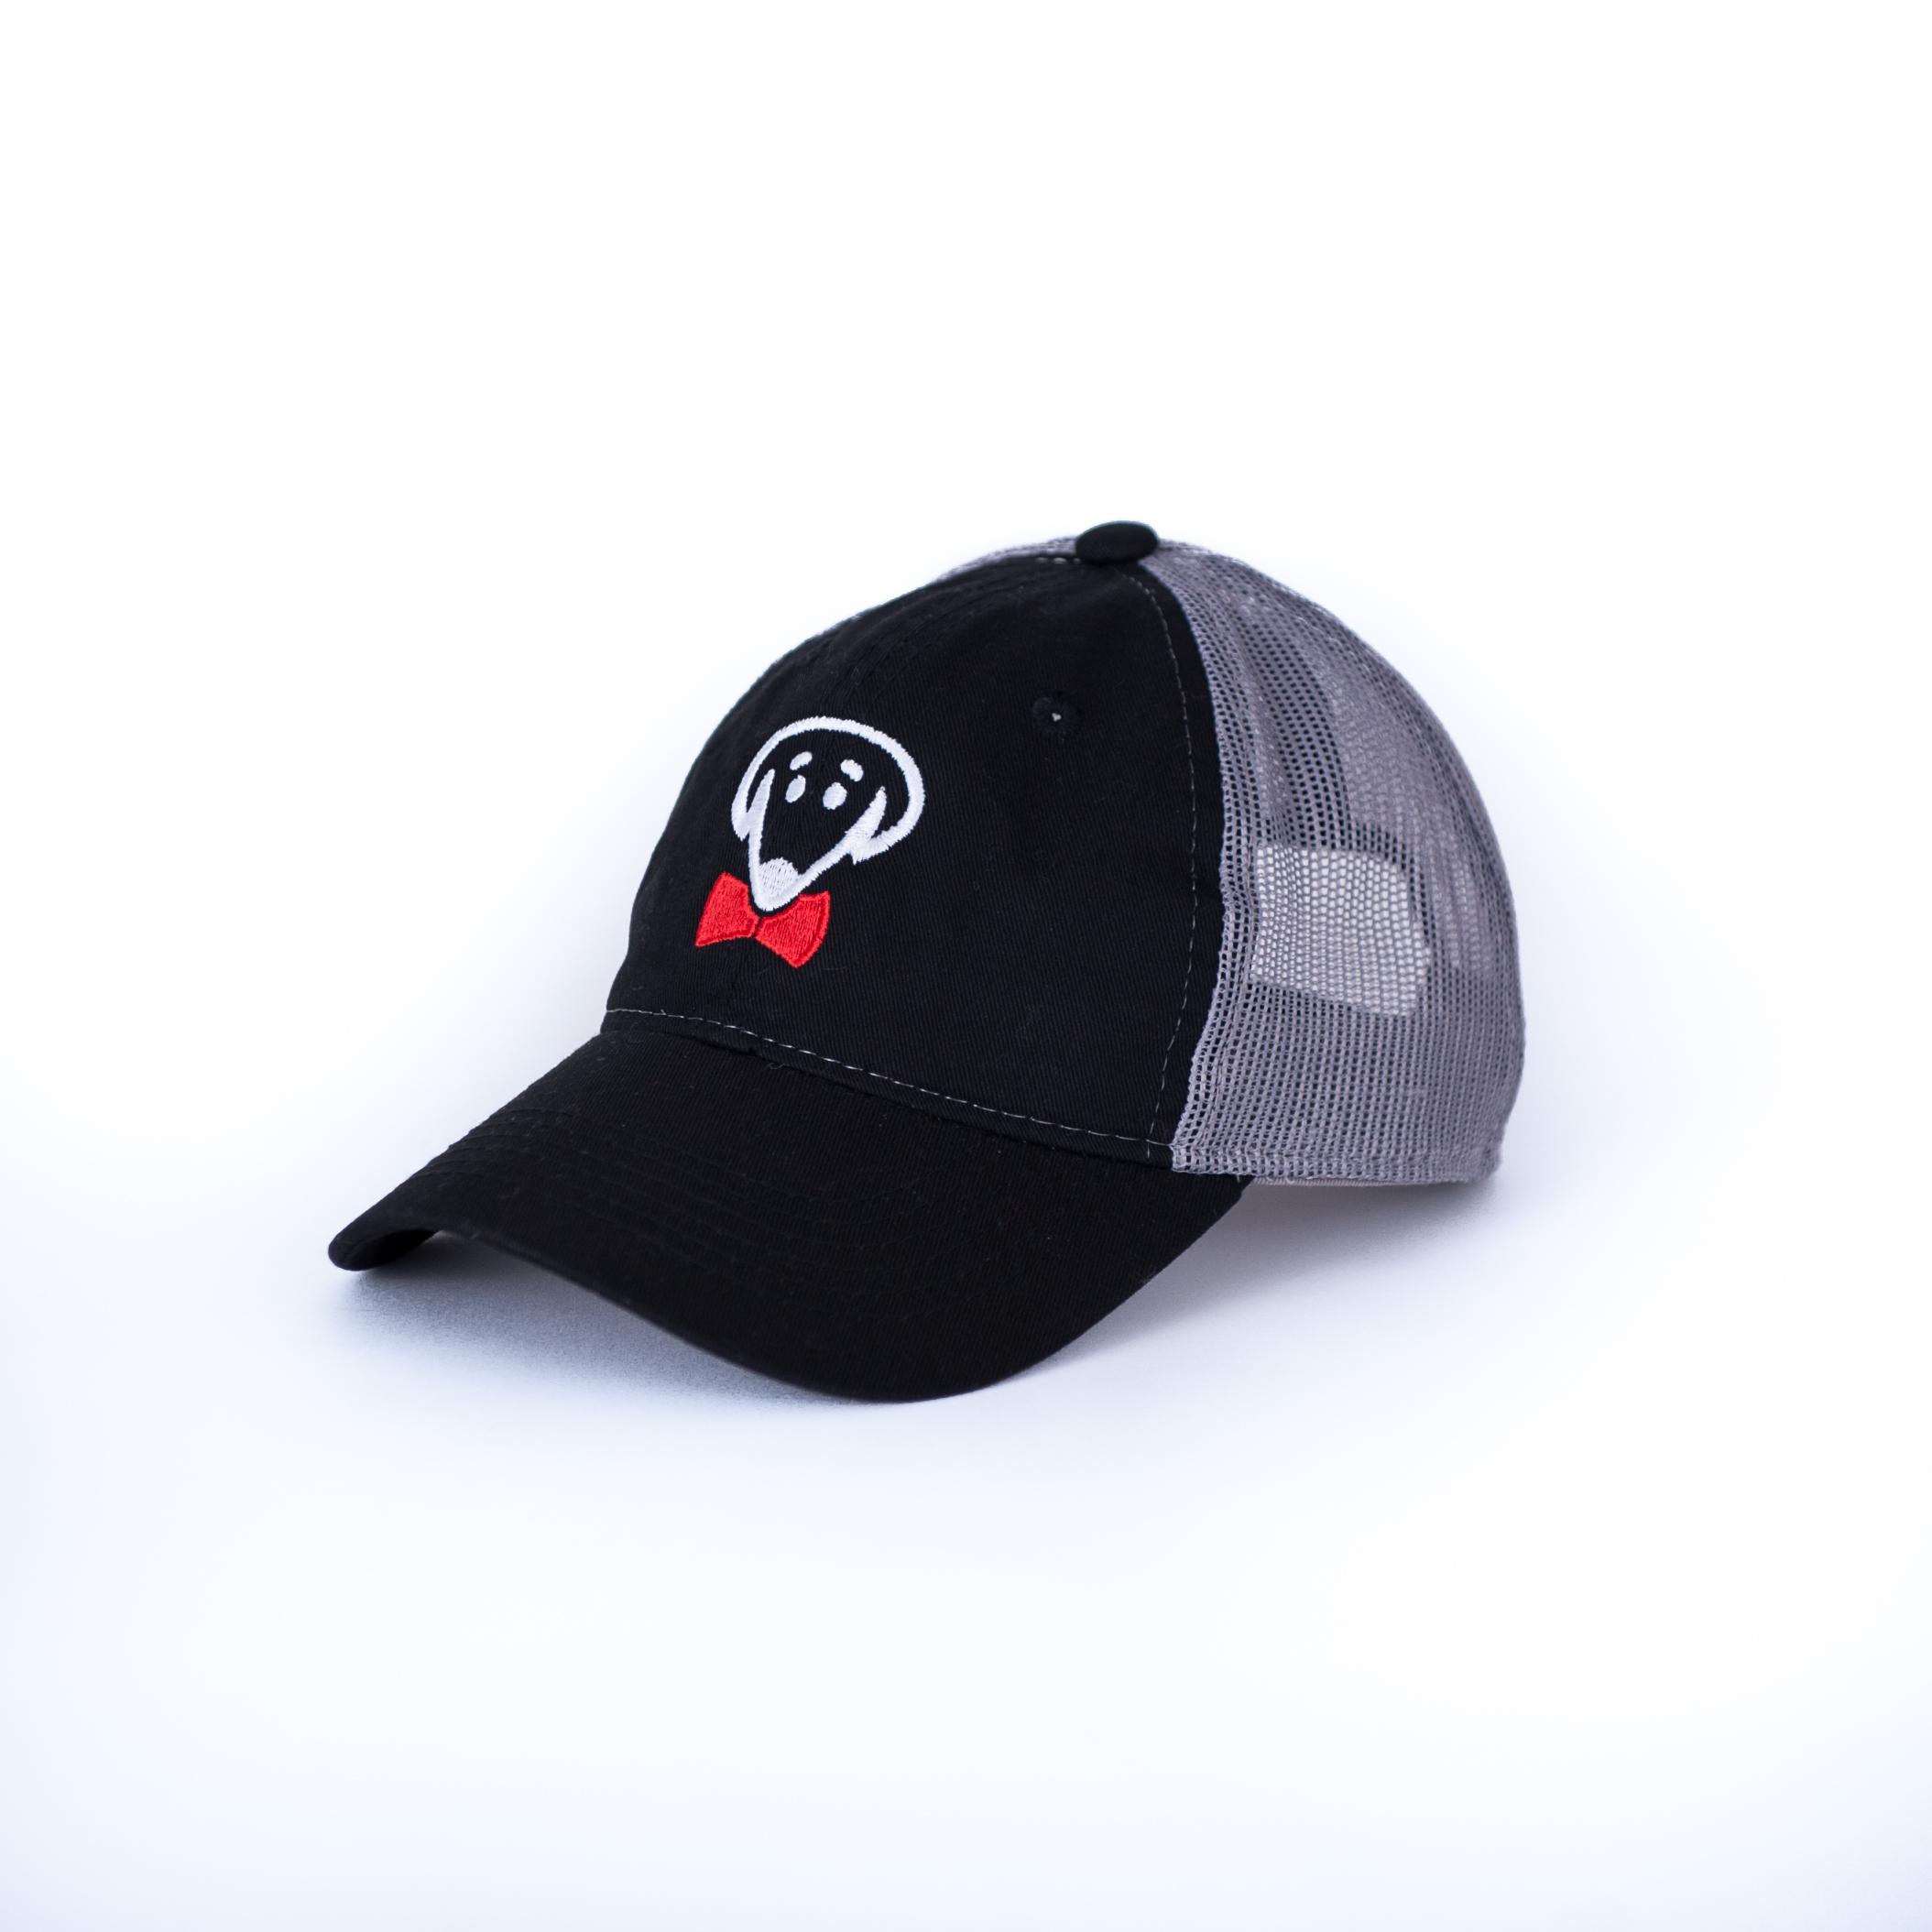 Beau Tyler – Ezra Baseball Cap – Black and Dark Gray